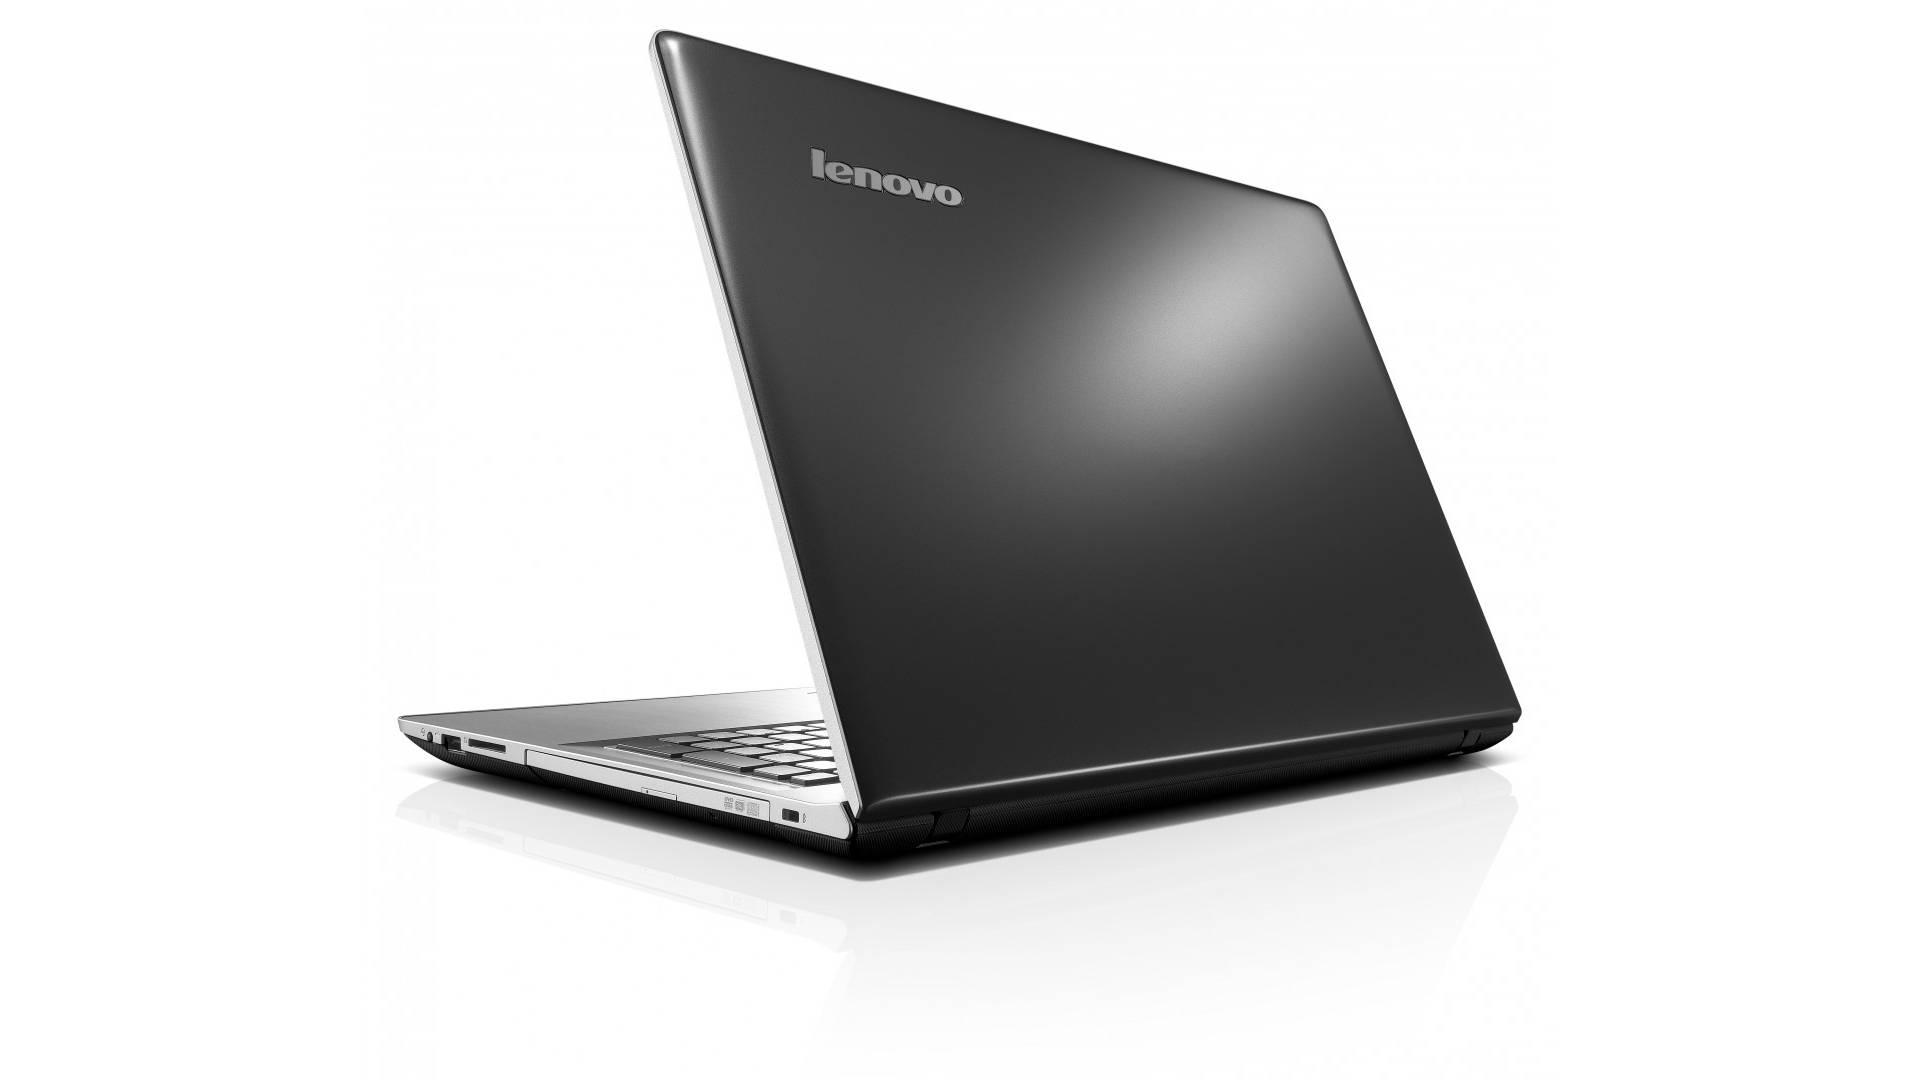 Lenovo IdeaPad Z51-70 i5